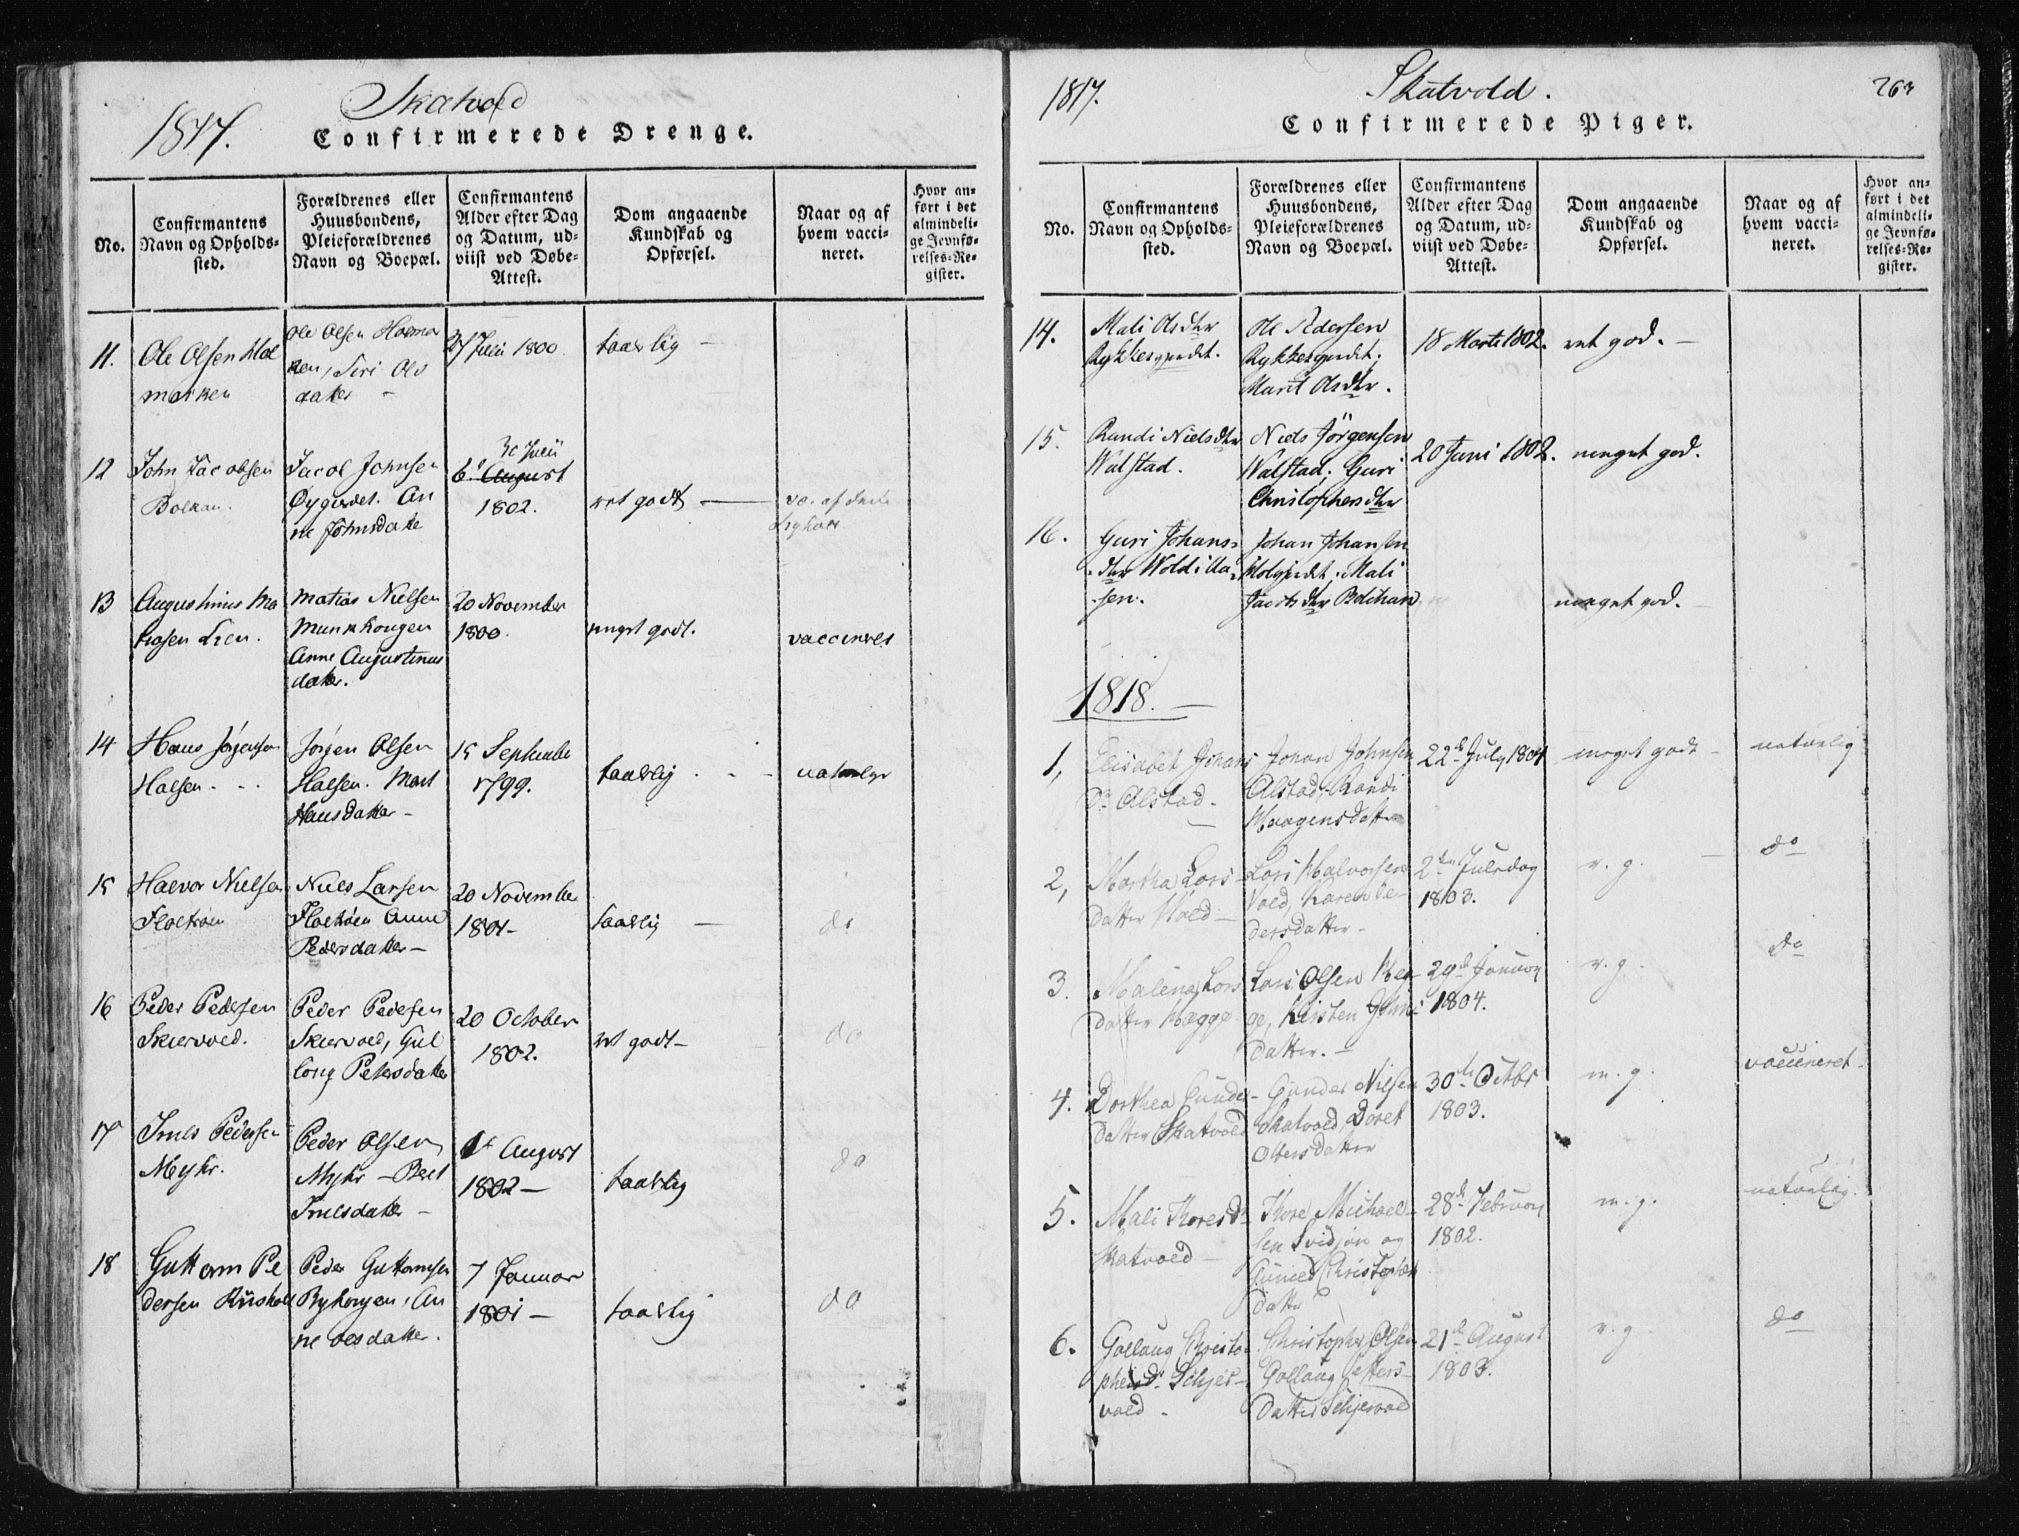 SAT, Ministerialprotokoller, klokkerbøker og fødselsregistre - Nord-Trøndelag, 709/L0061: Ministerialbok nr. 709A08 /2, 1815-1819, s. 263